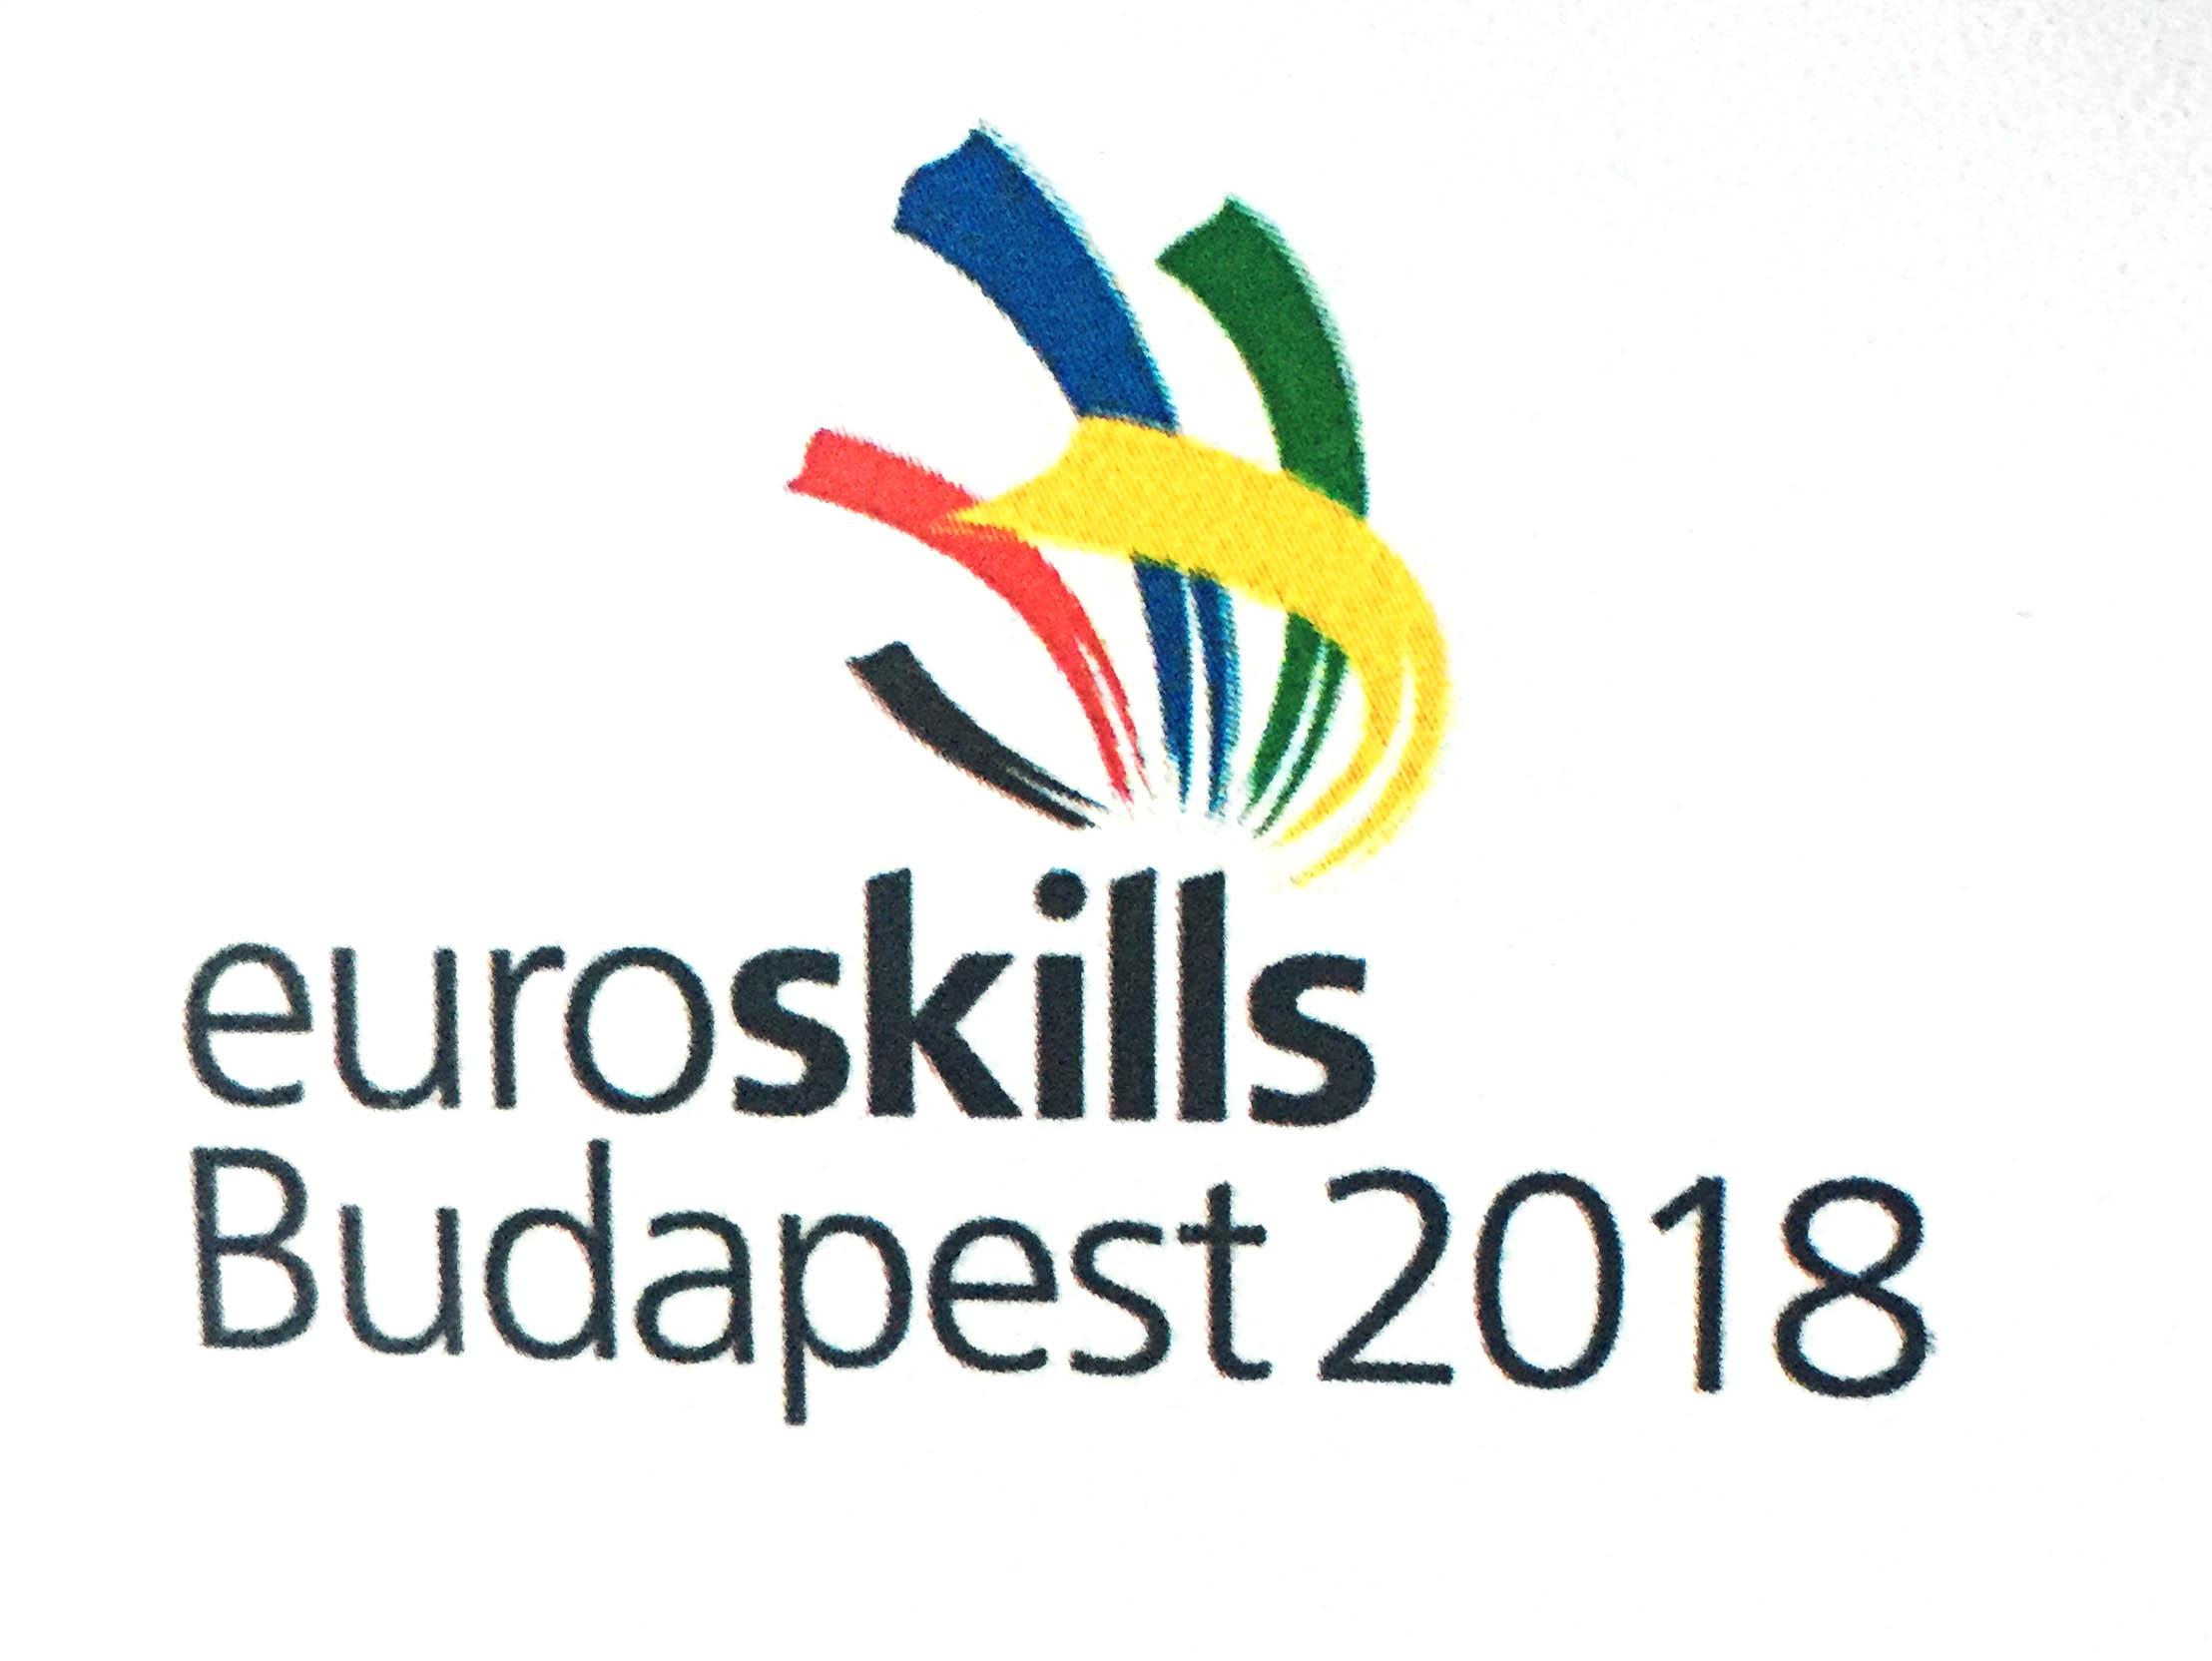 Euroskills 2018 in Budapest